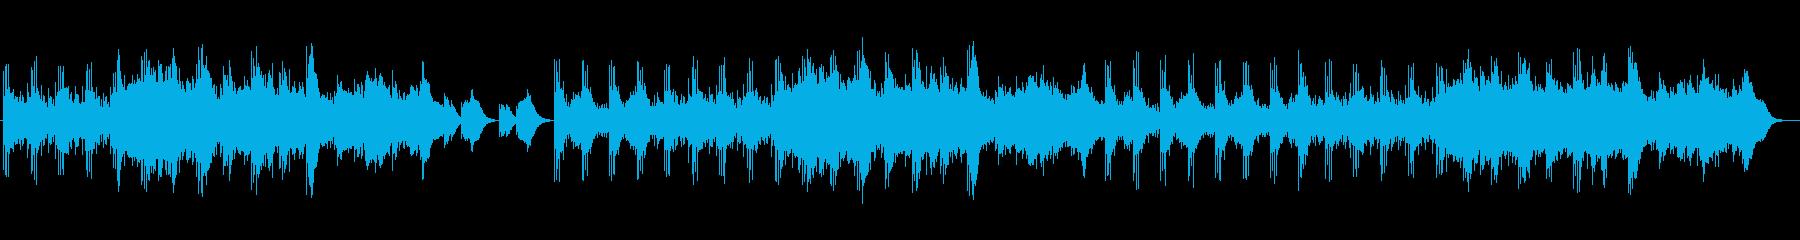 緊張感のあるハーモニーの再生済みの波形